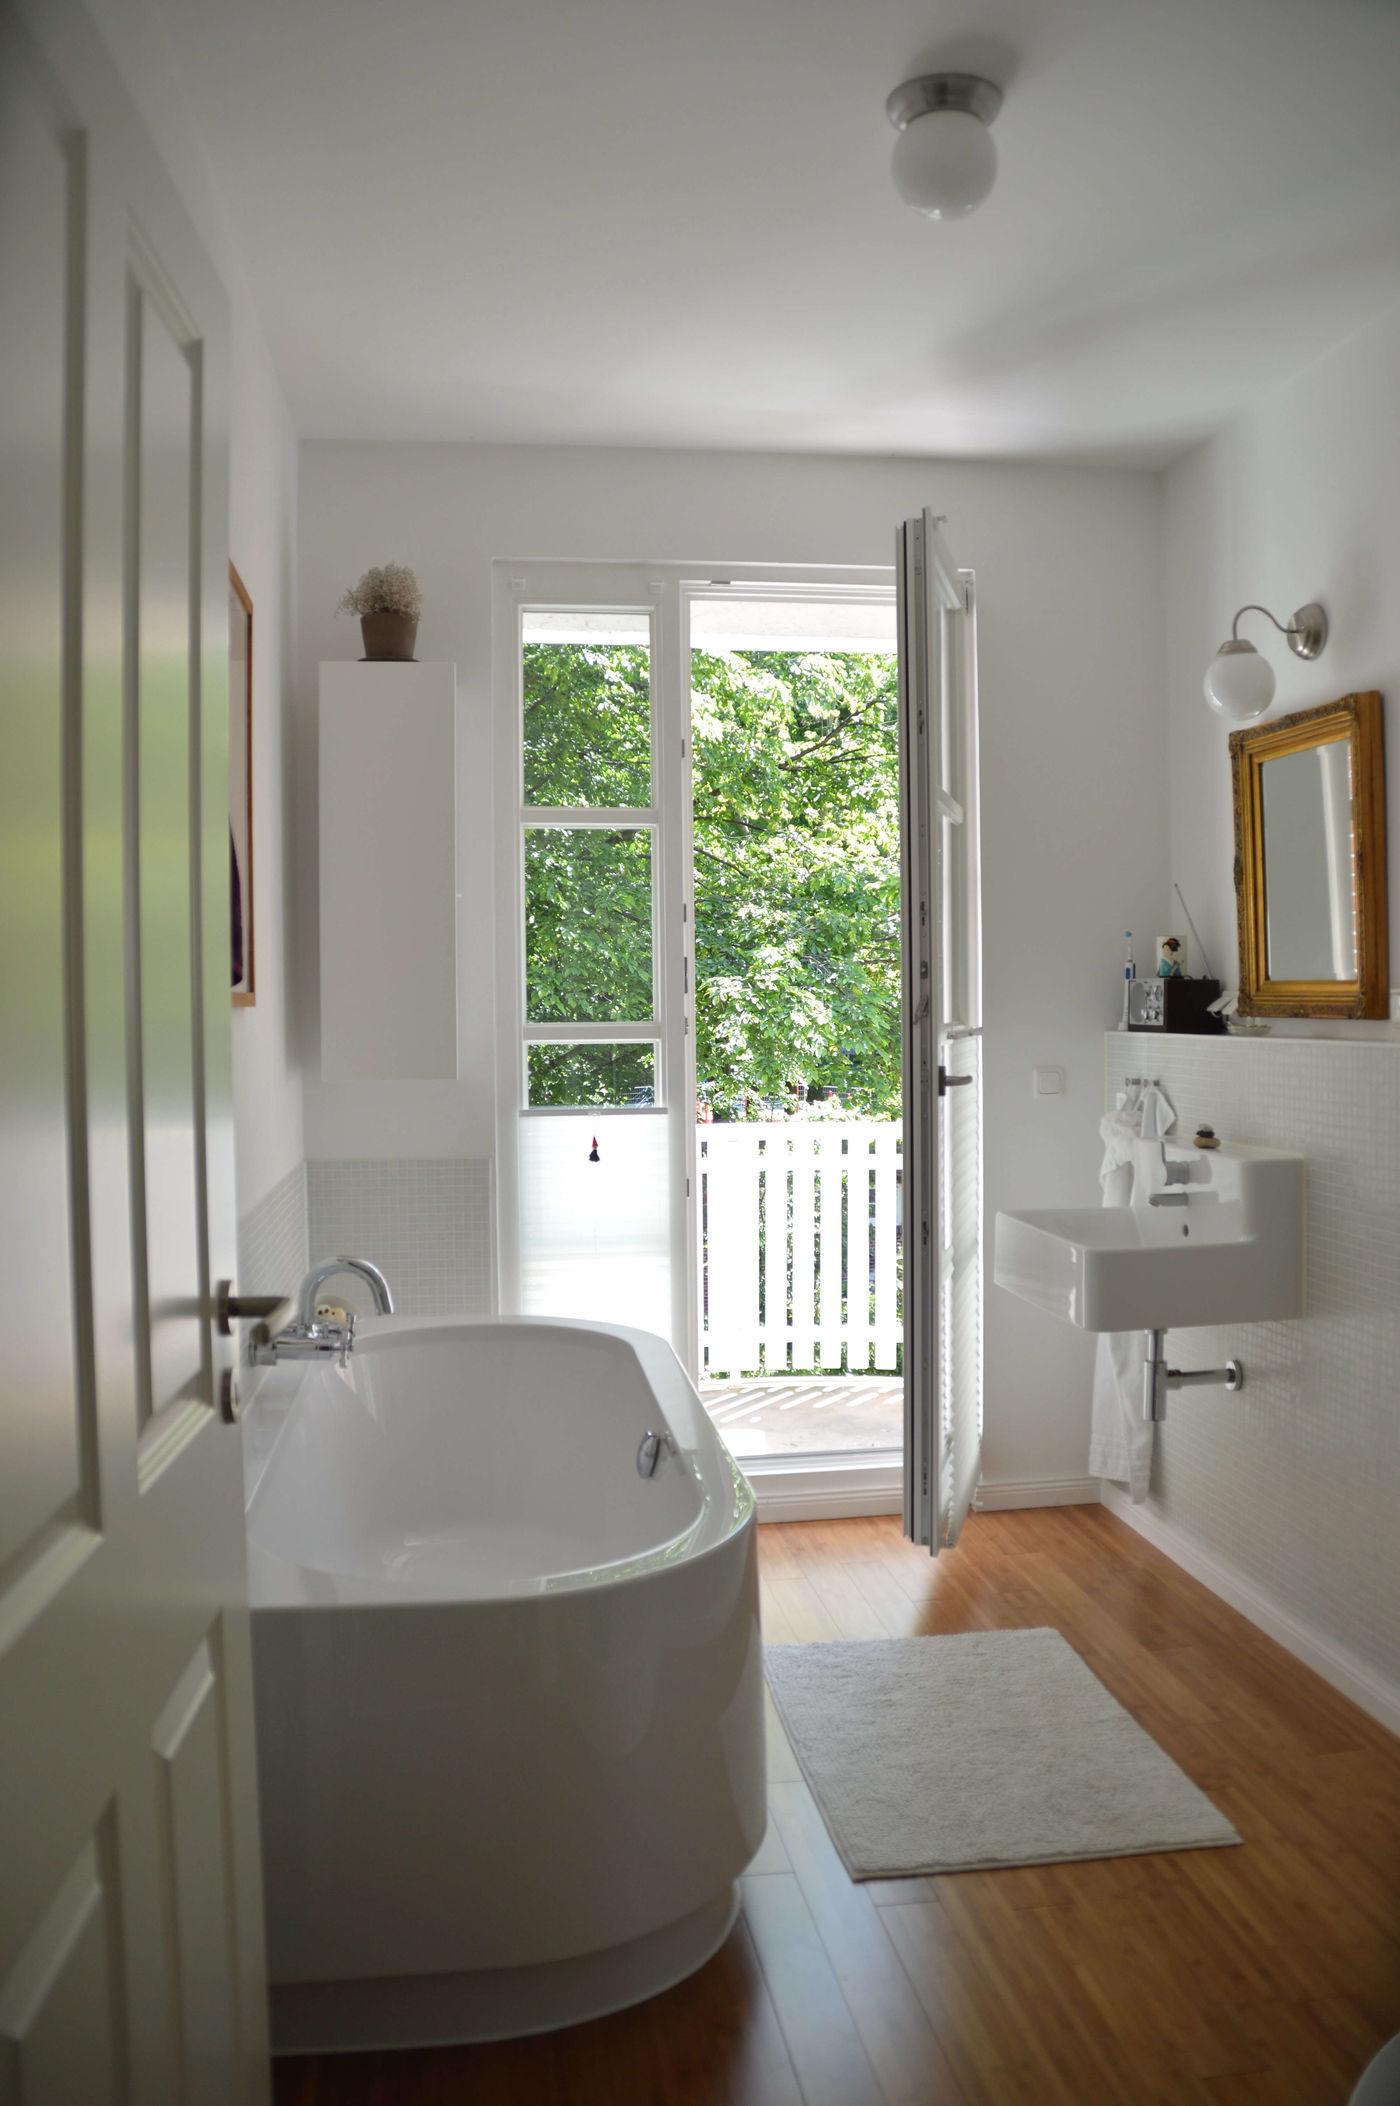 Badezimmer planen in 20 Schritten Hilfreiche Tipps und Ideen ...